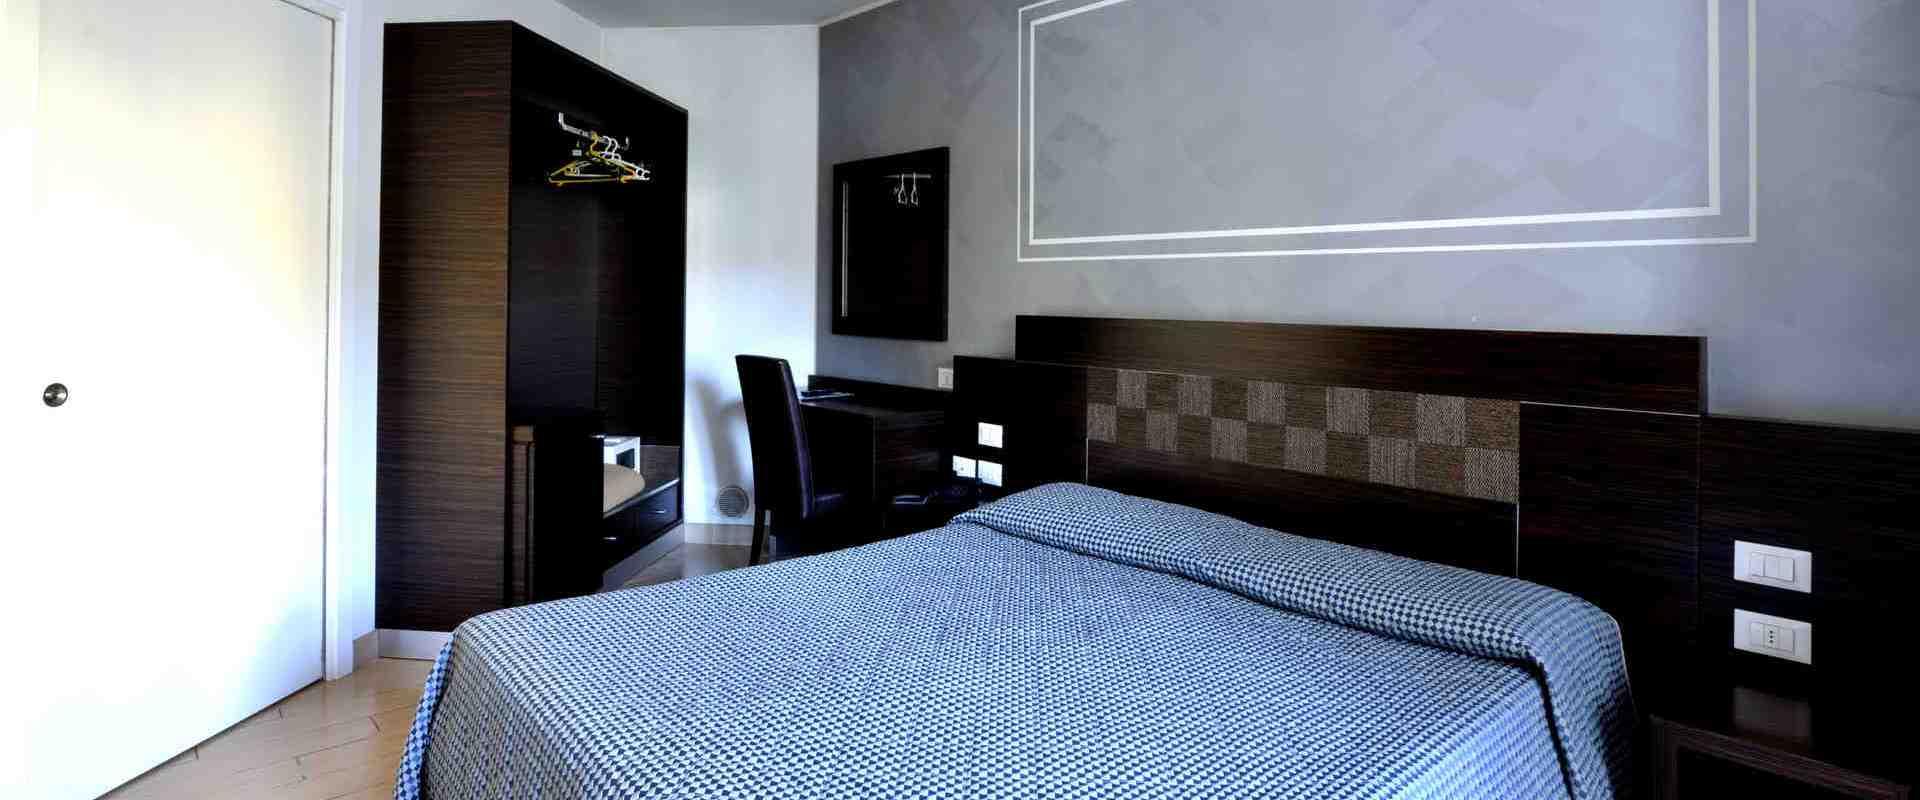 Camere Hotel Alla Bianca Vicino a Venezia